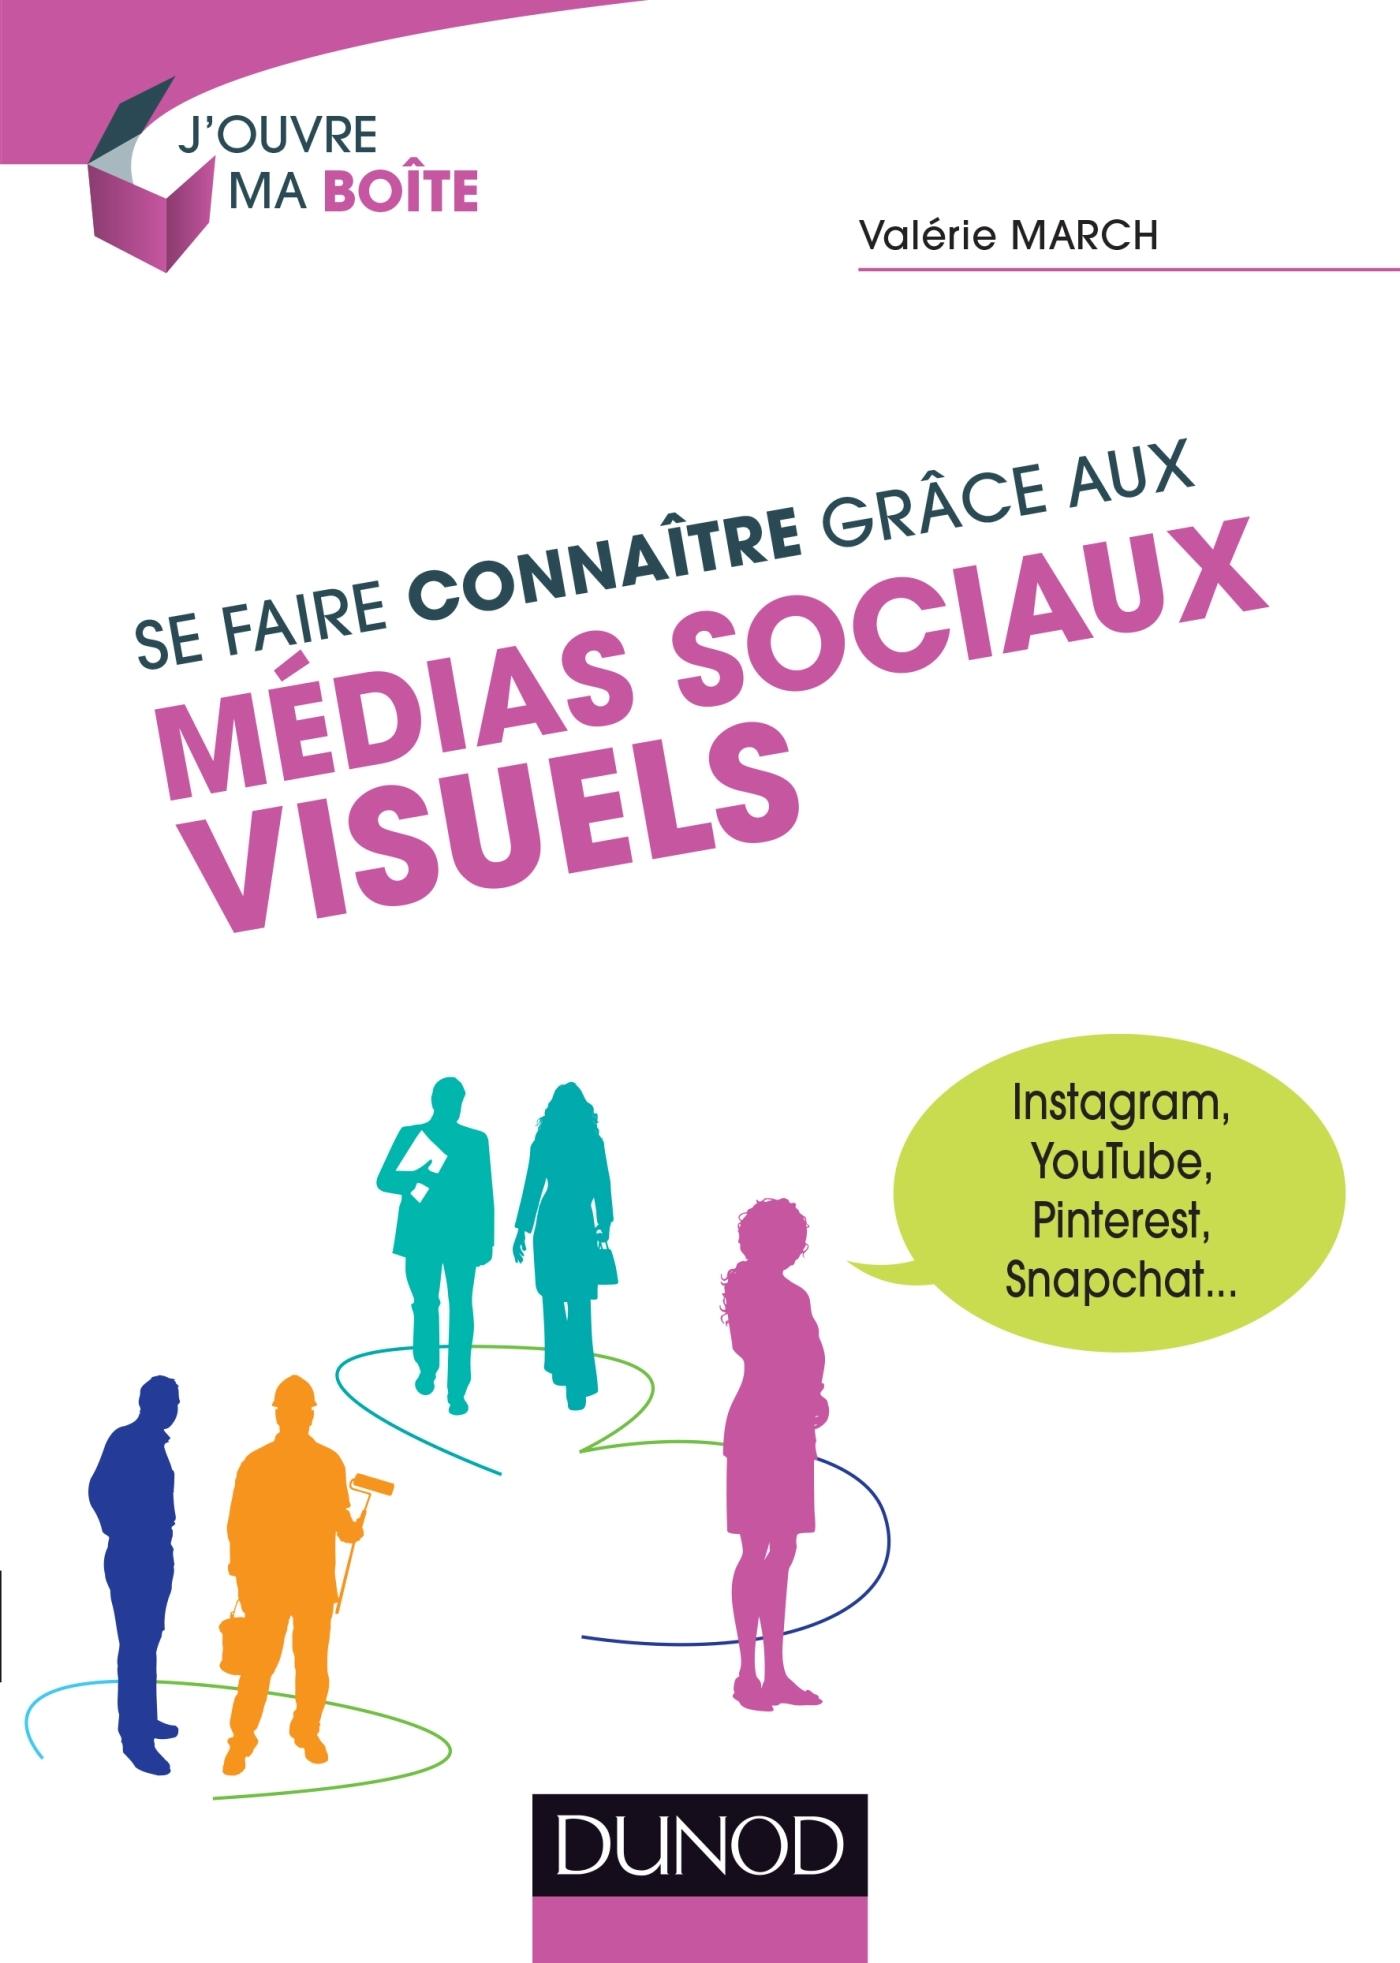 SE FAIRE CONNAITRE GRACE AUX MEDIAS SOCIAUX VISUELS